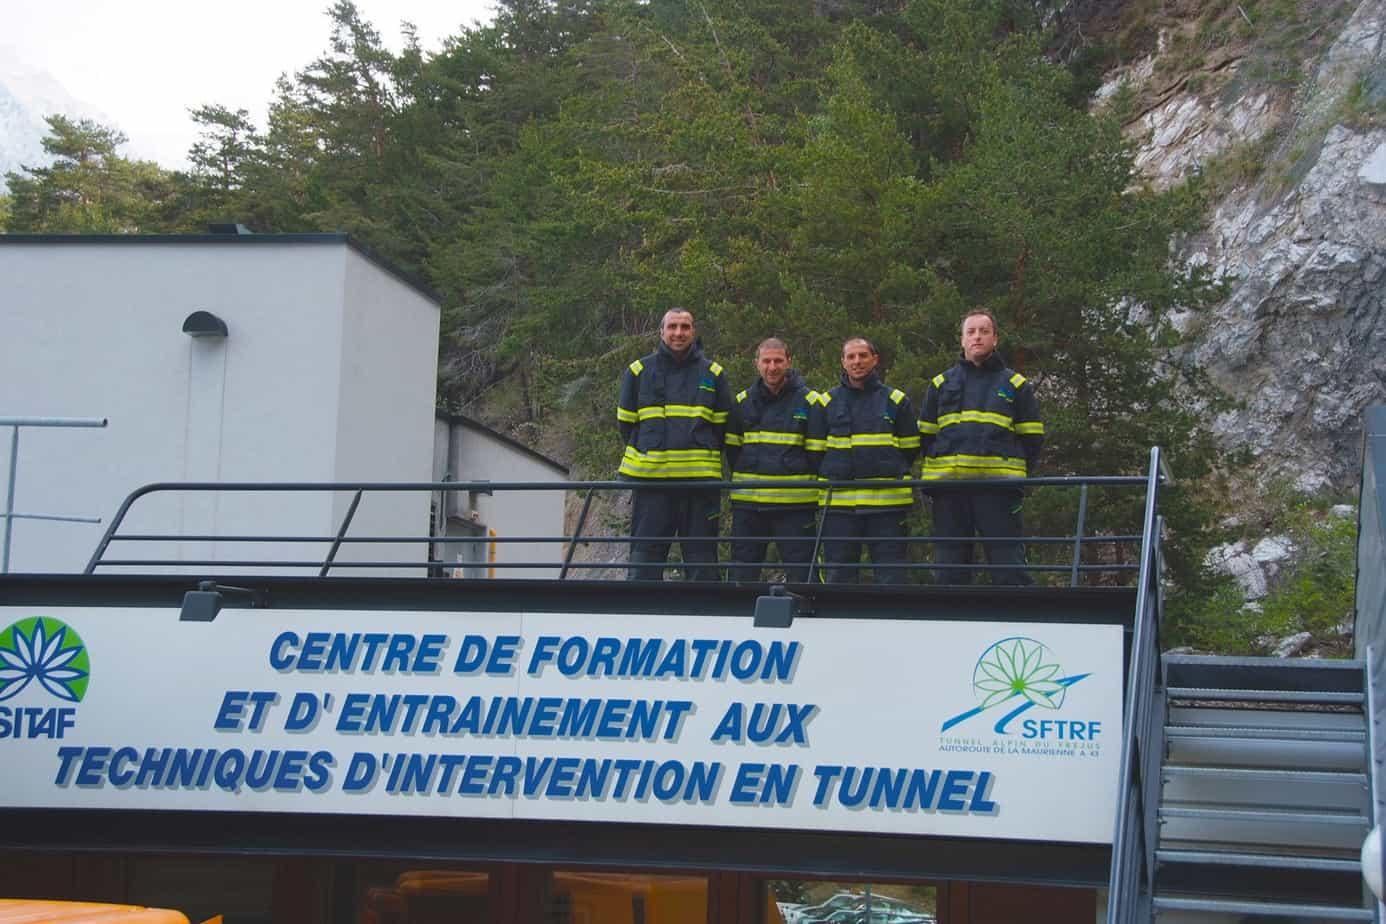 Il simulatore antincendio a Modane